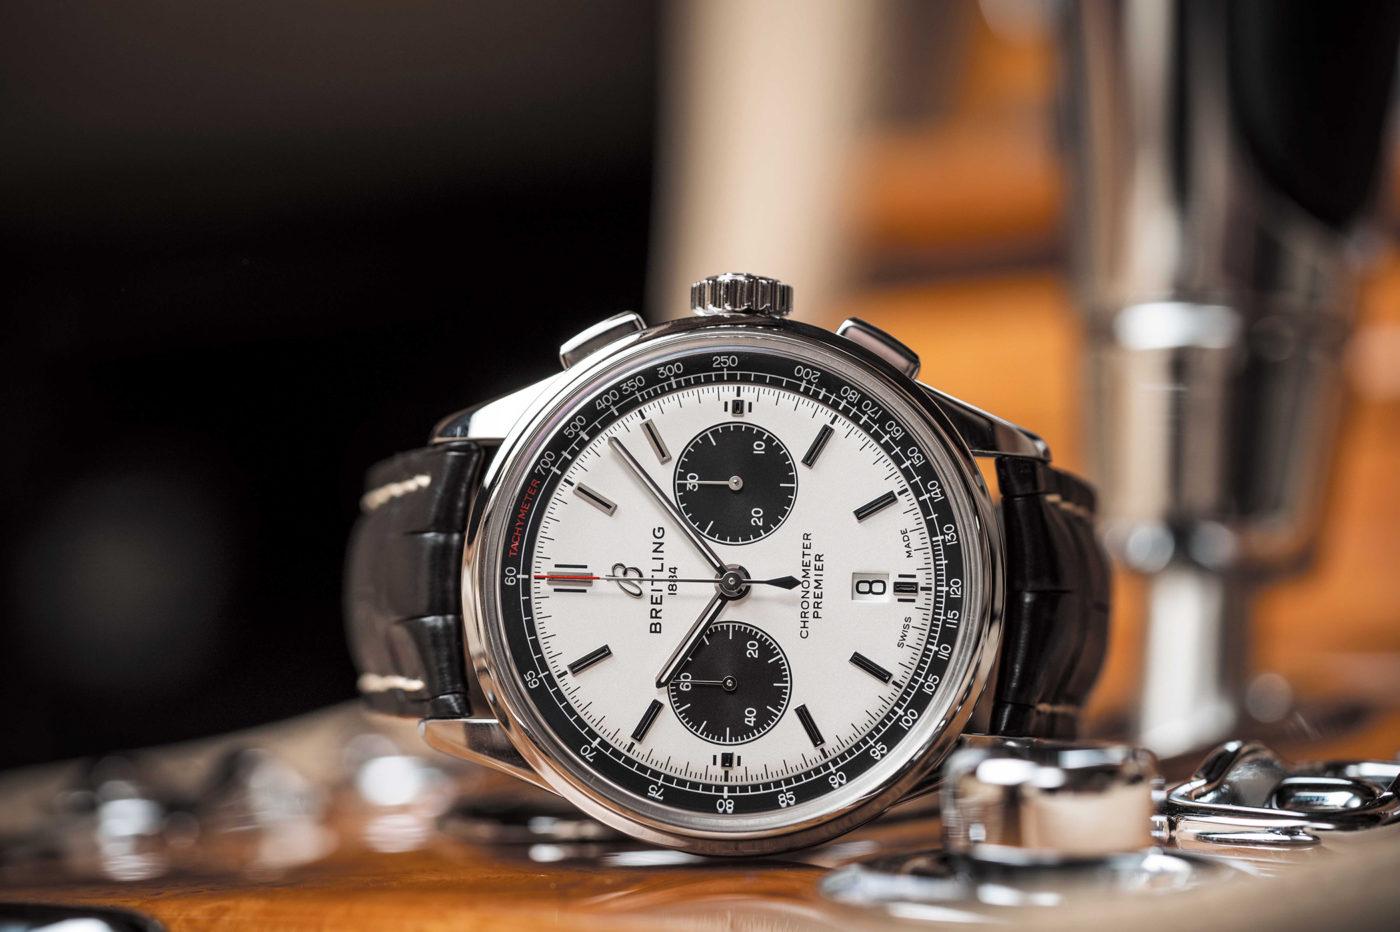 Breitling Premier – Chronograph, Day-Date oraz Automatic [dostępność, cena]